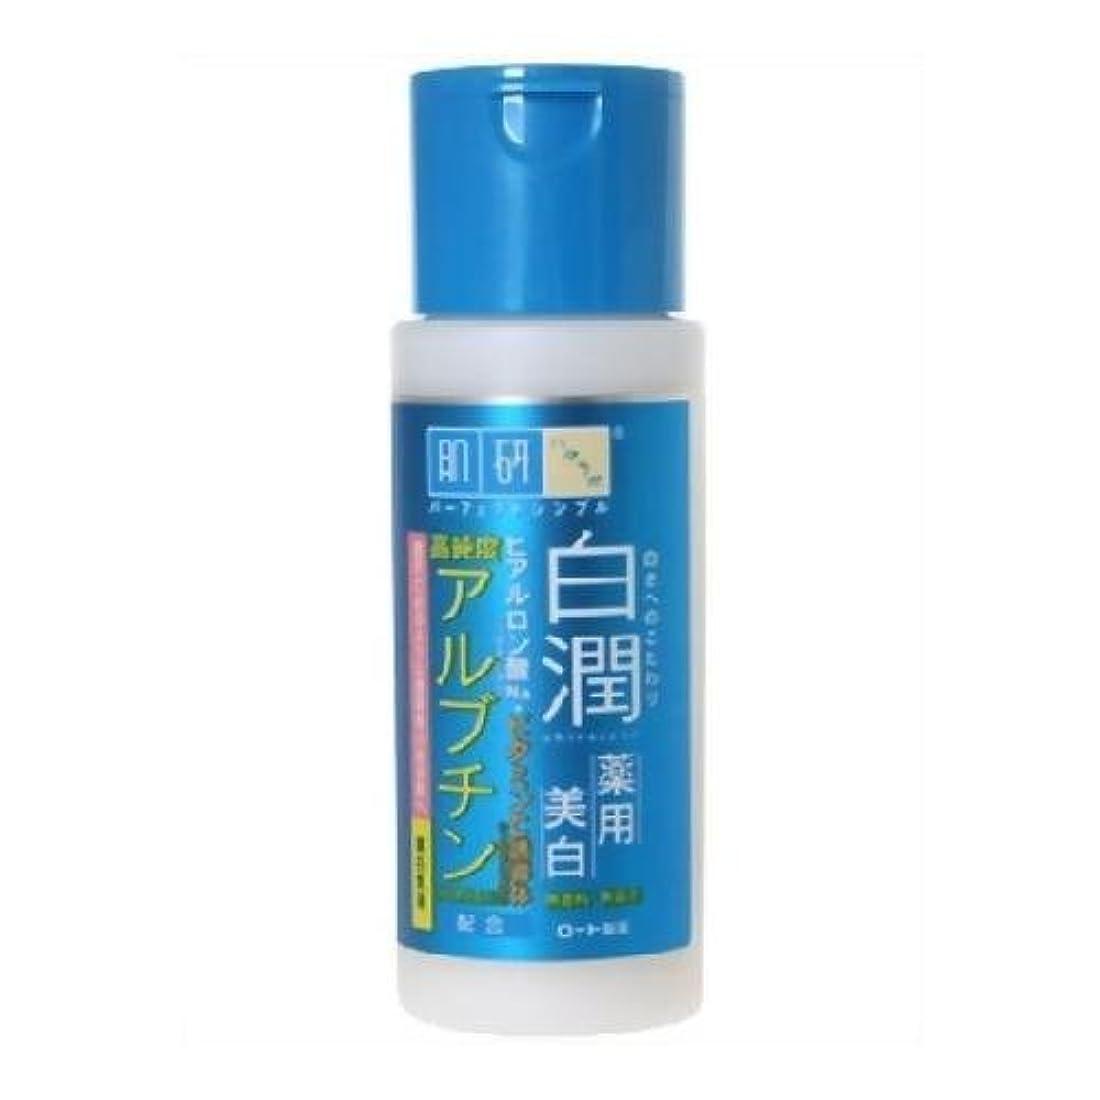 可決つぼみ極めて肌研白潤薬用美白乳液 140ml